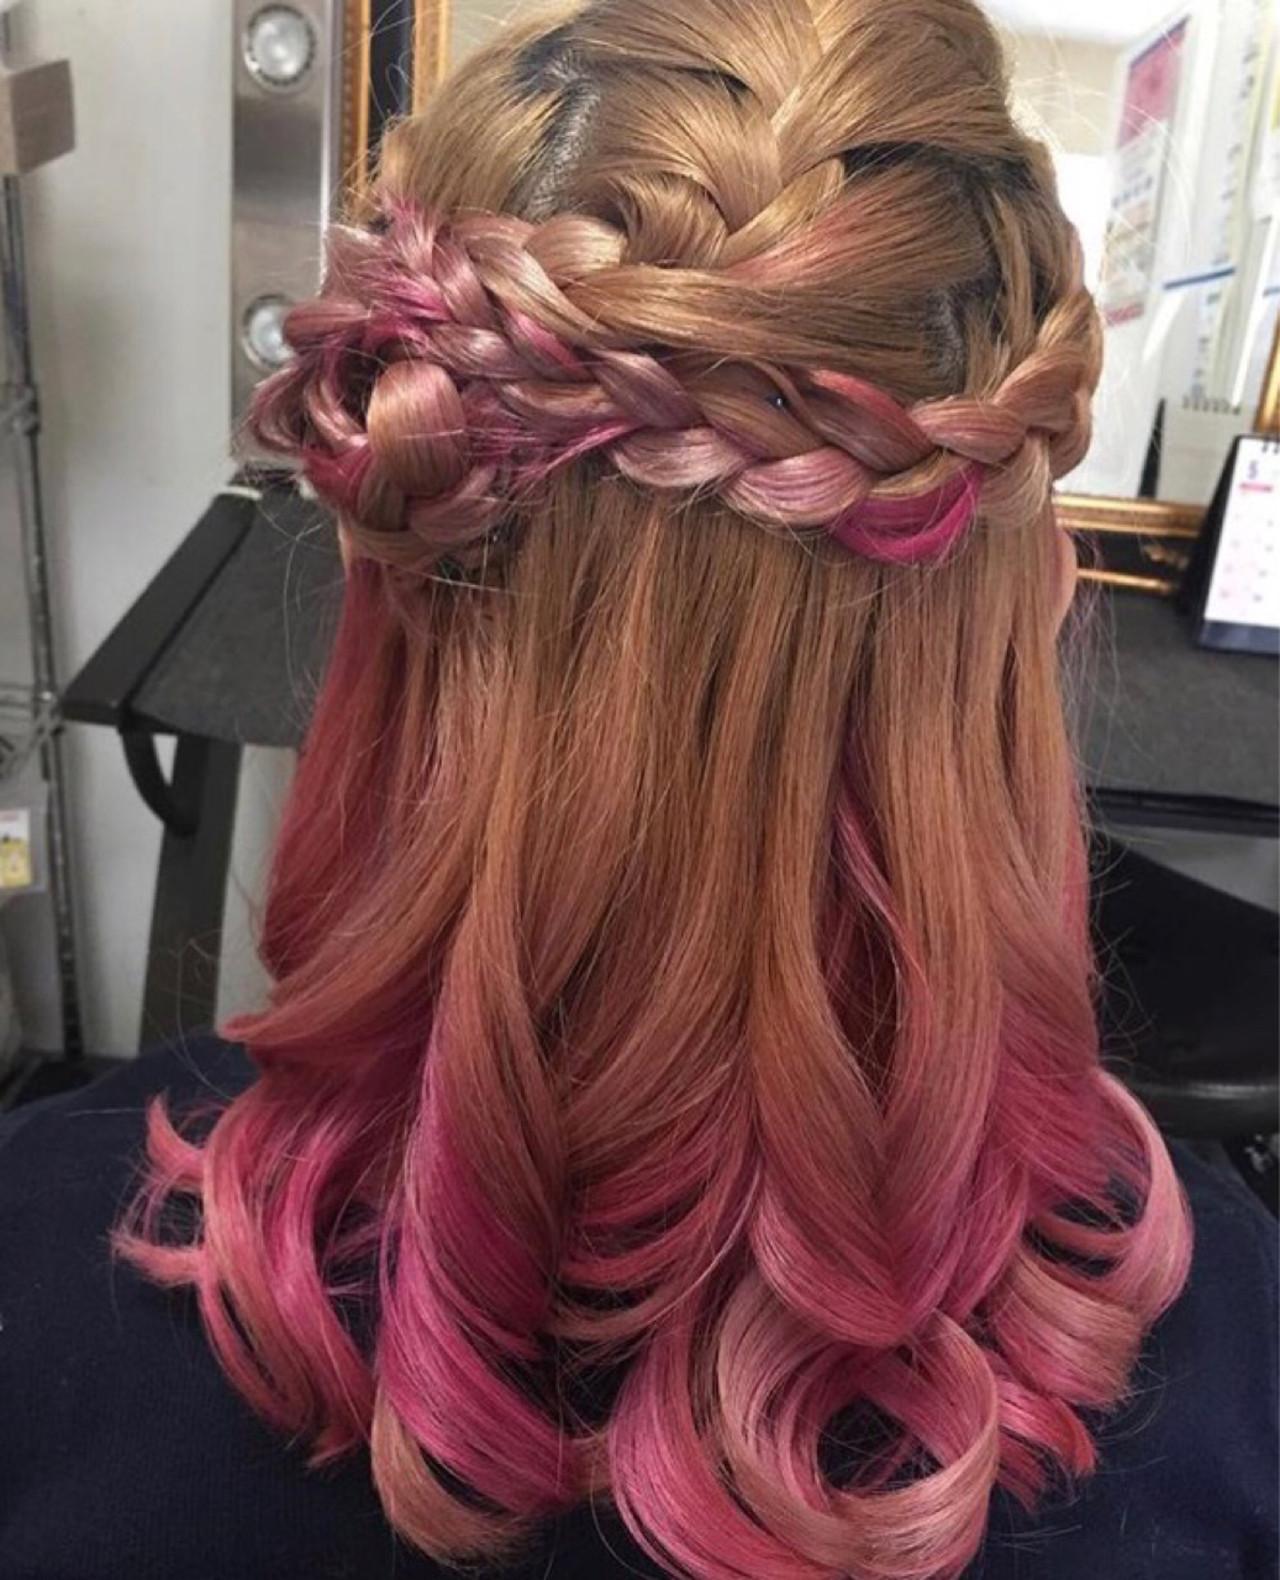 ピンク ヘアアレンジ セミロング フェミニン ヘアスタイルや髪型の写真・画像